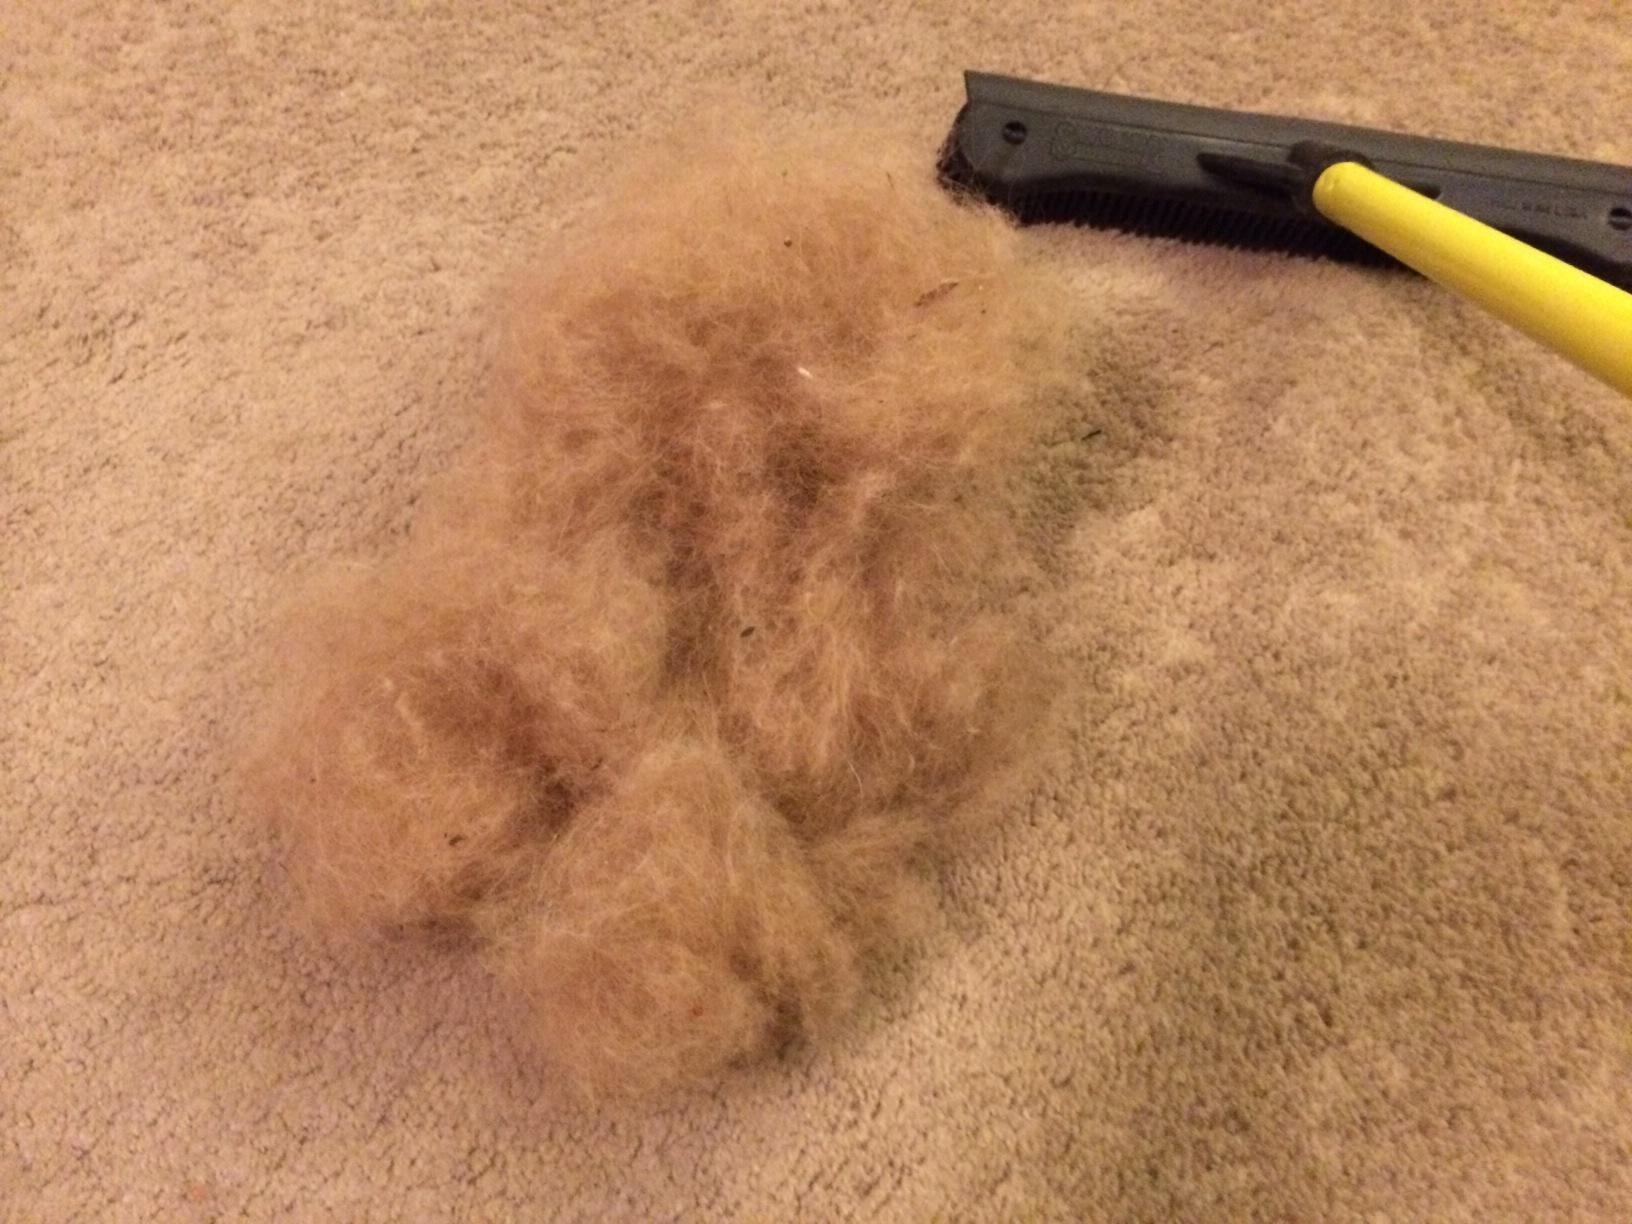 a pile of fur in a carpet